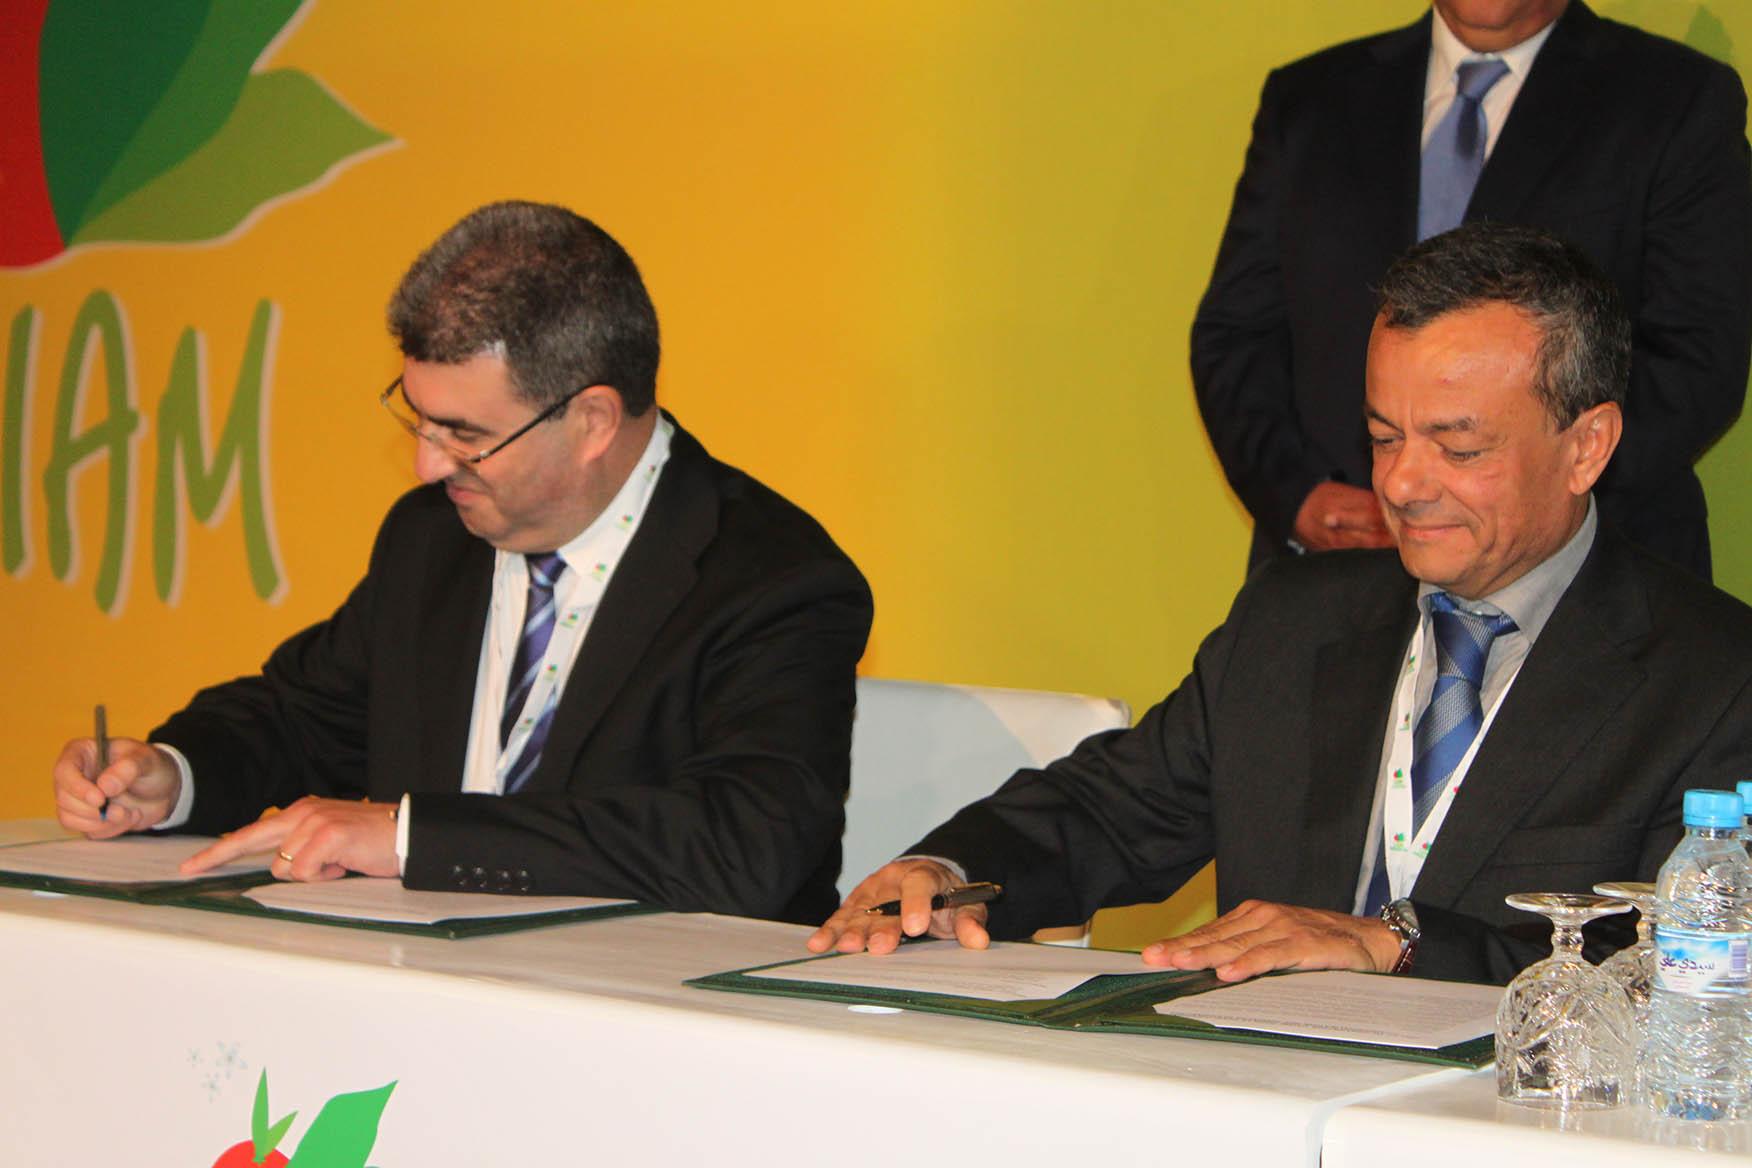 الملتقى الدولي للفلاحة بالمغرب.. توقيع اتفاقيتين لتطوير زراعة الحبوب الزيتية